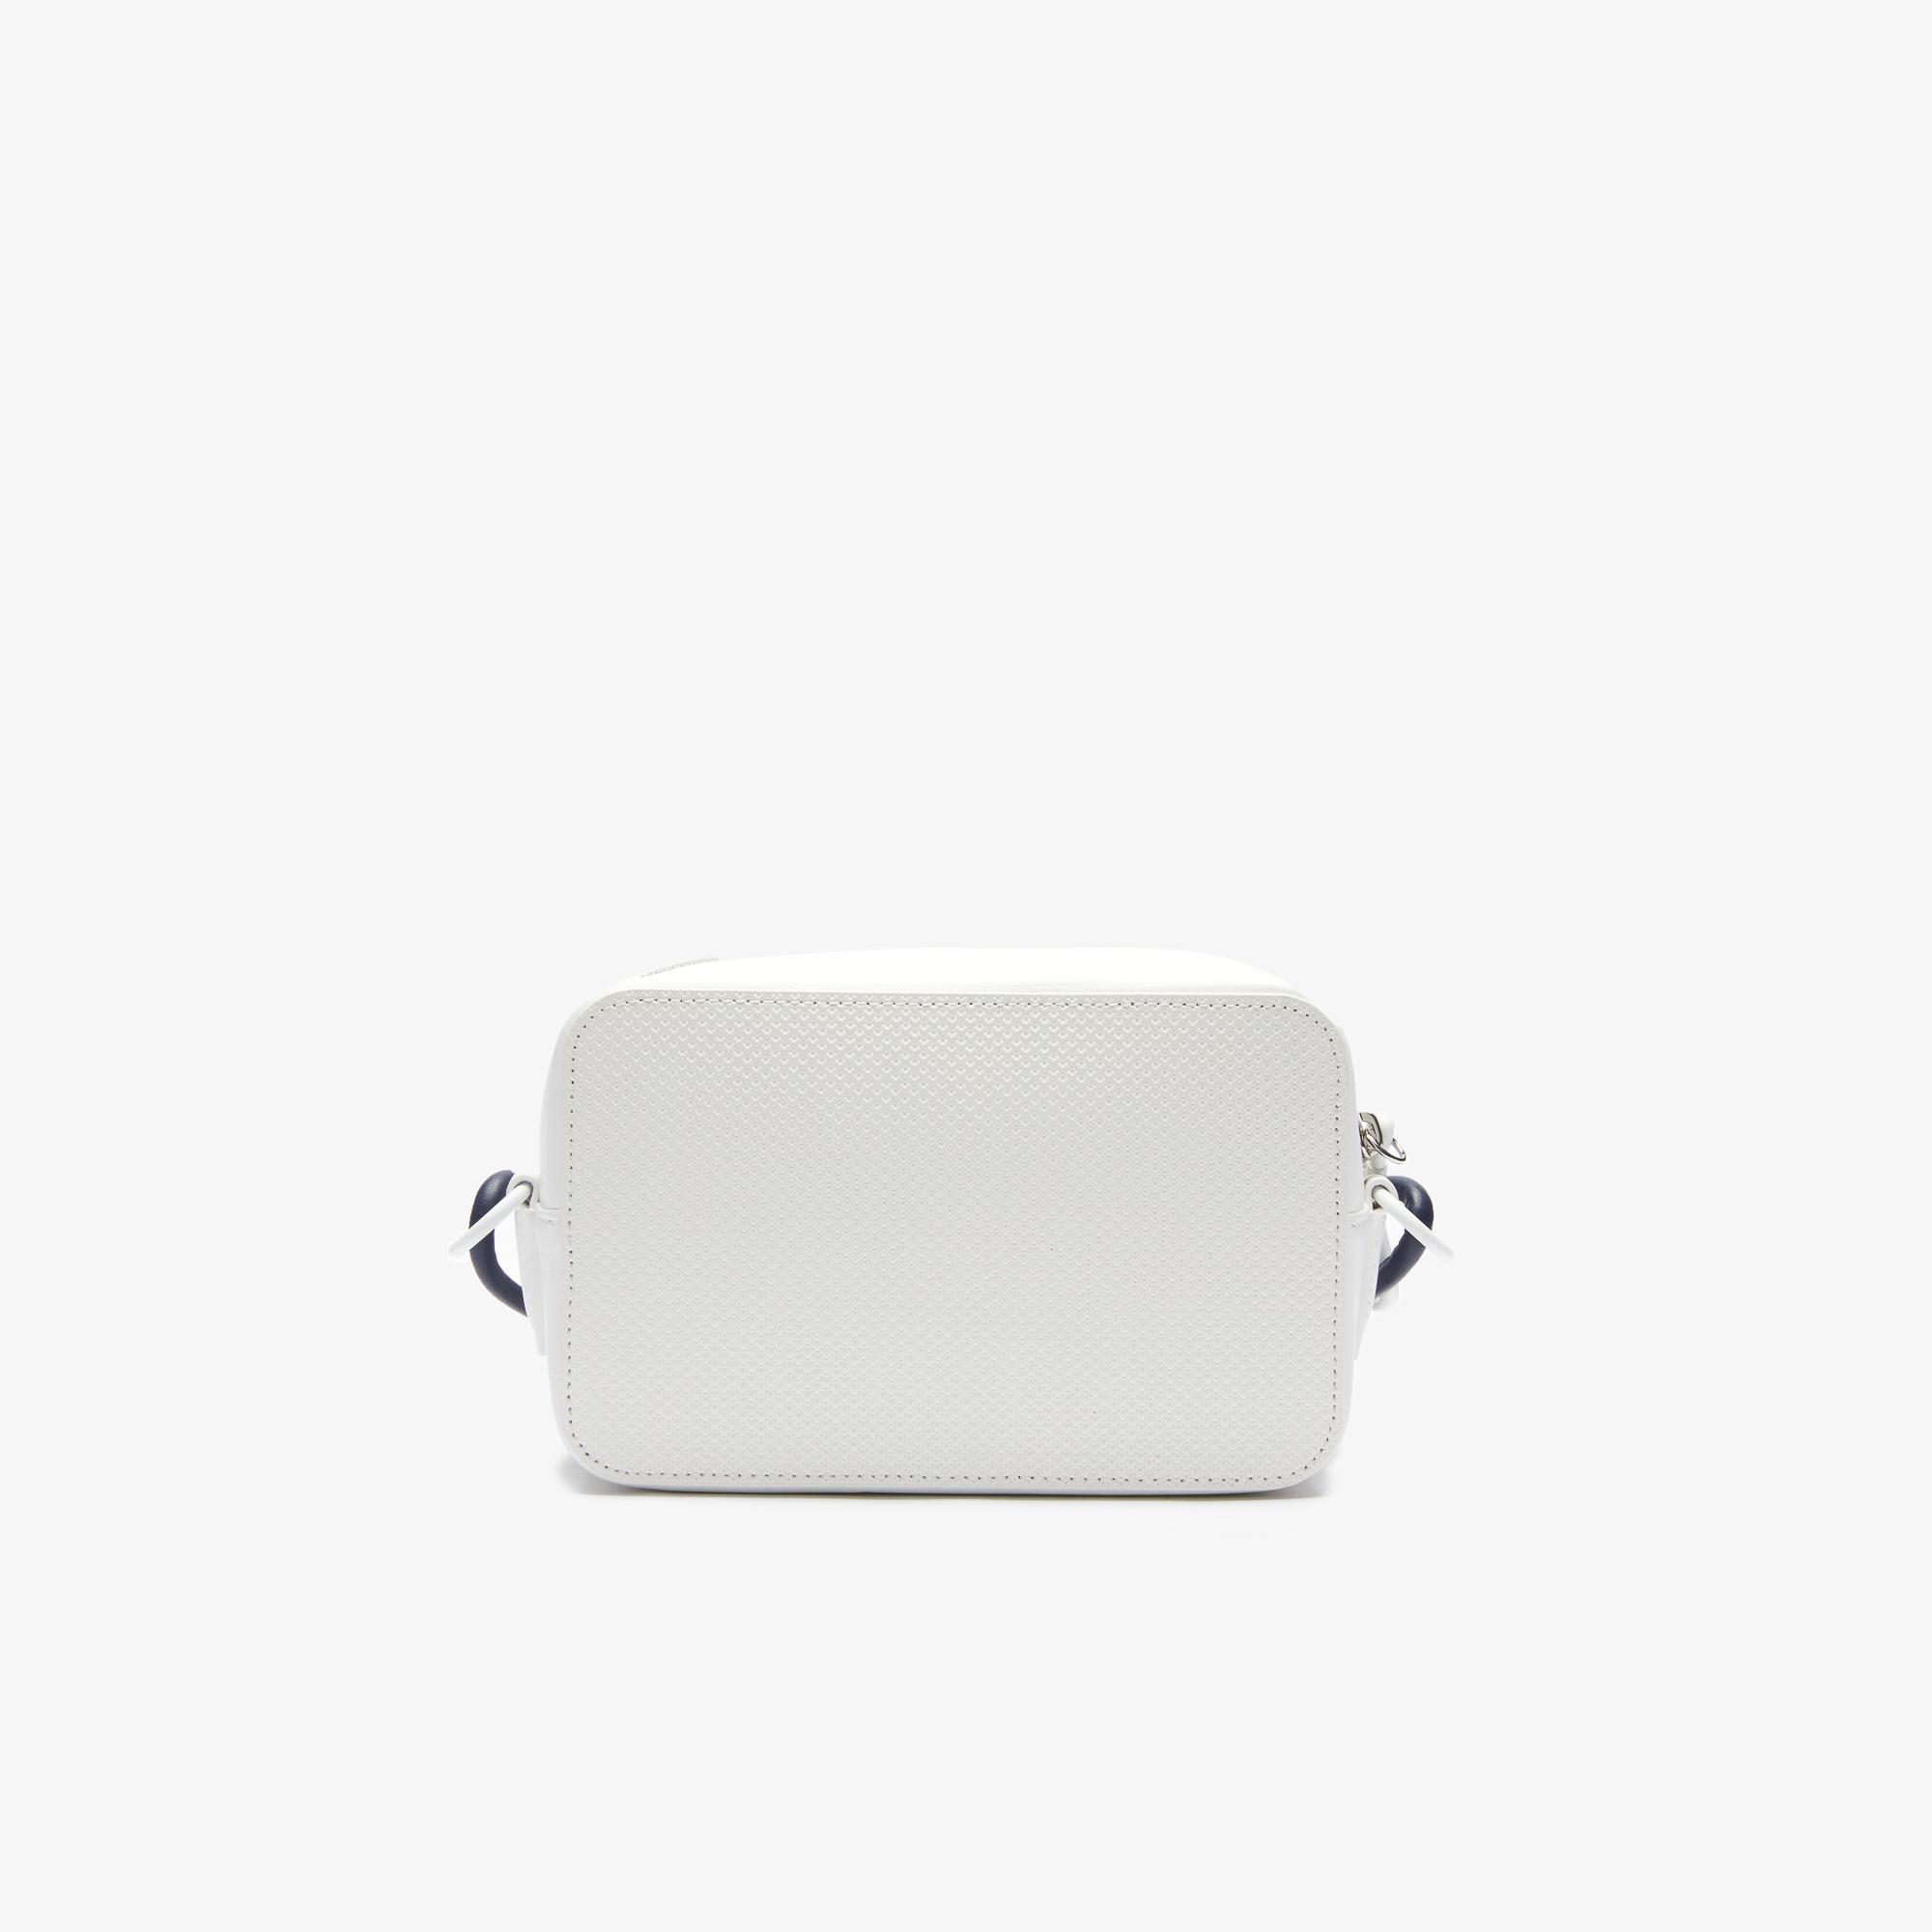 Lacoste Women's Chantaco Badge Small Matte Piqué Leather Shoulder Bag